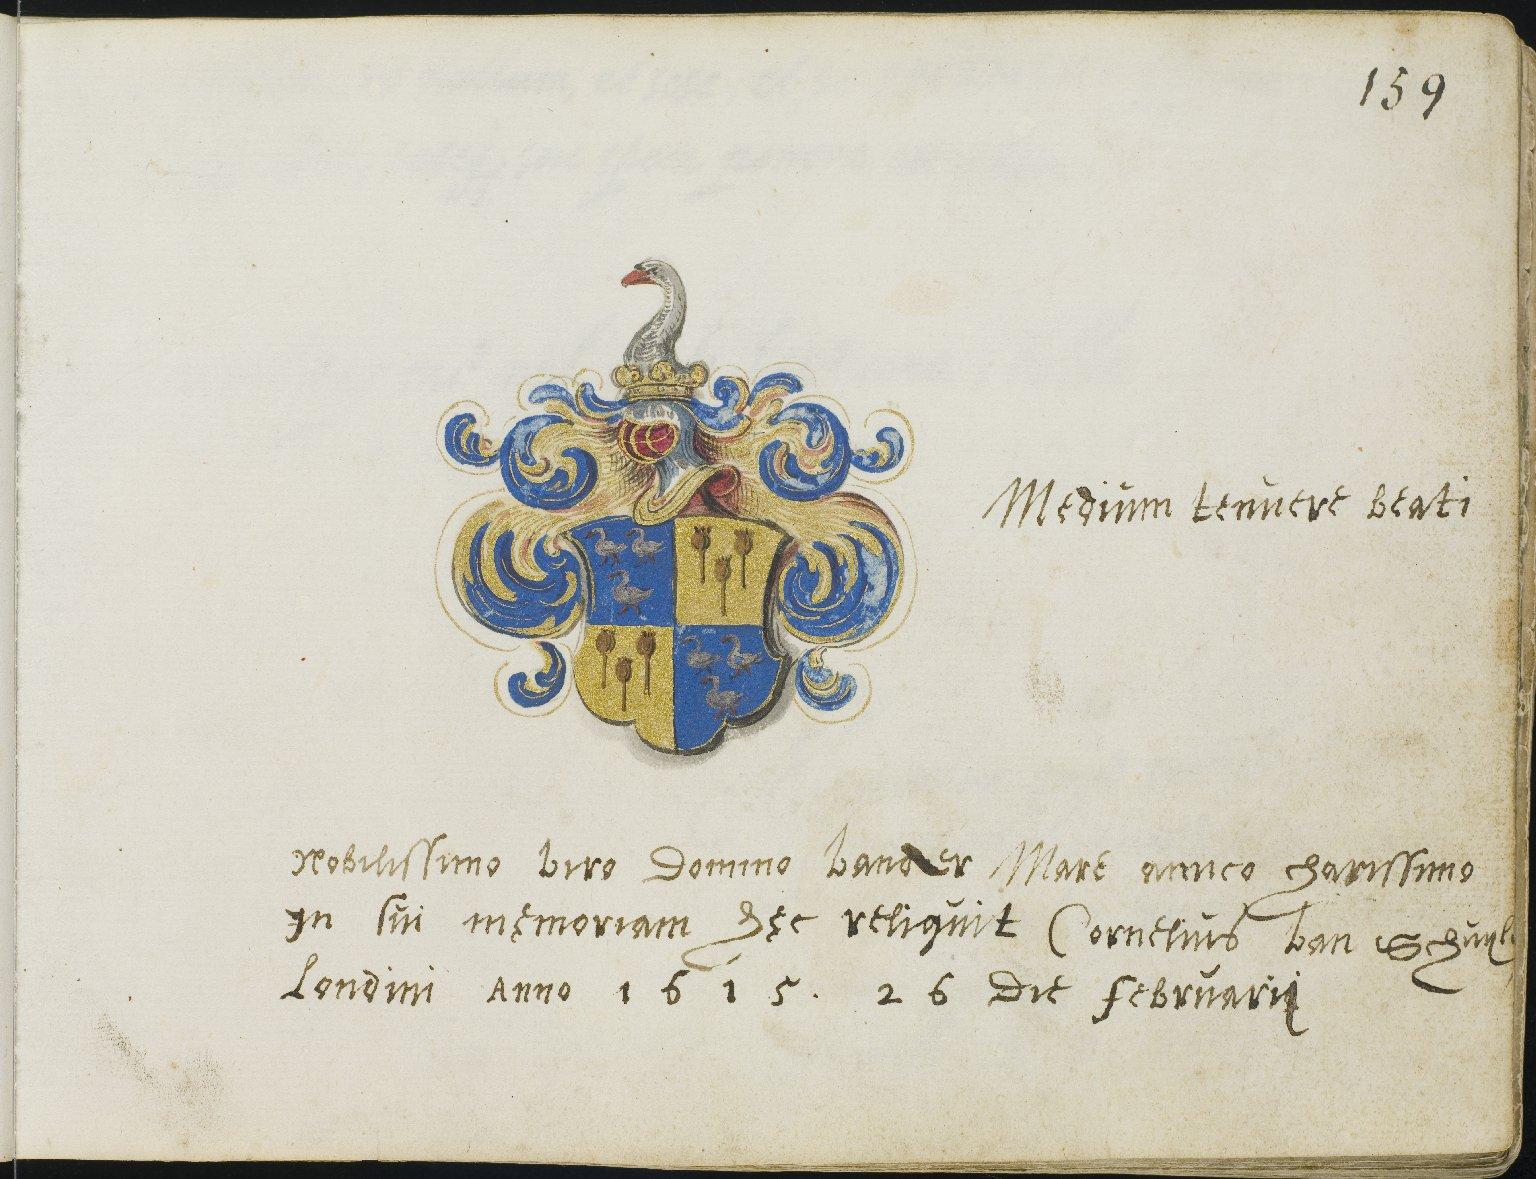 Album Amicorum, f.169r